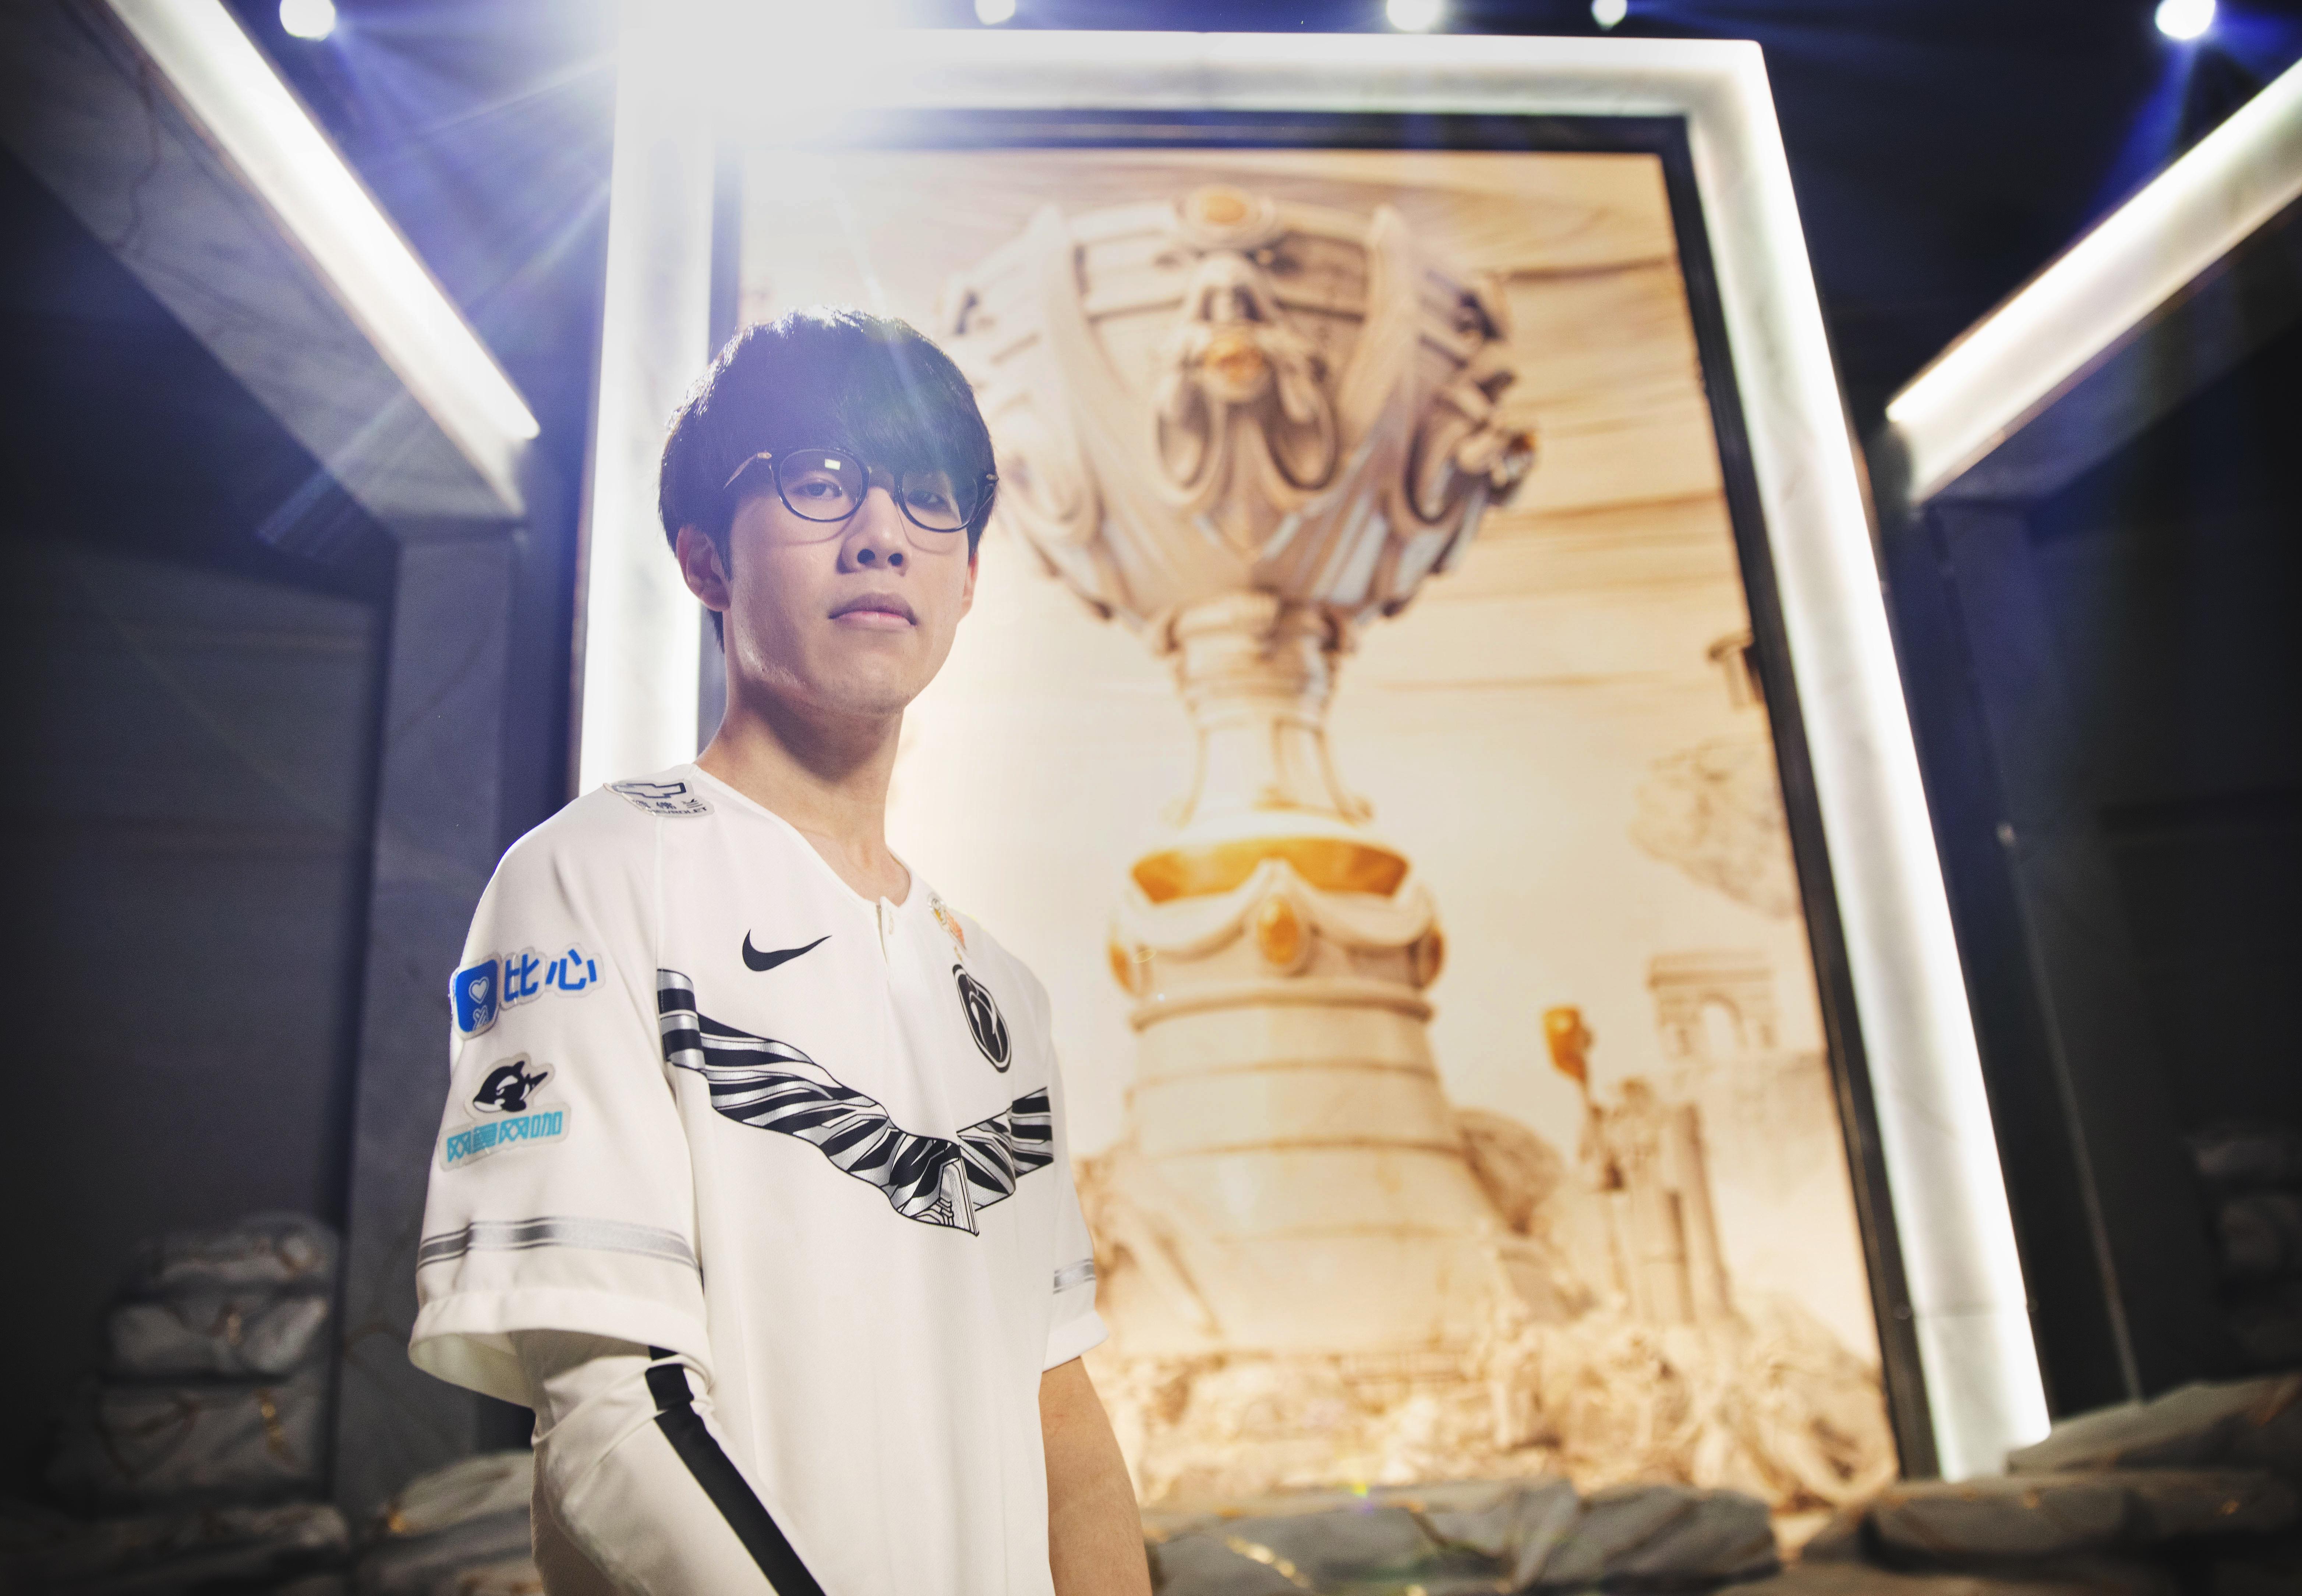 """Jang """"MaRin"""" Gyeong-hwan on an esports stage"""